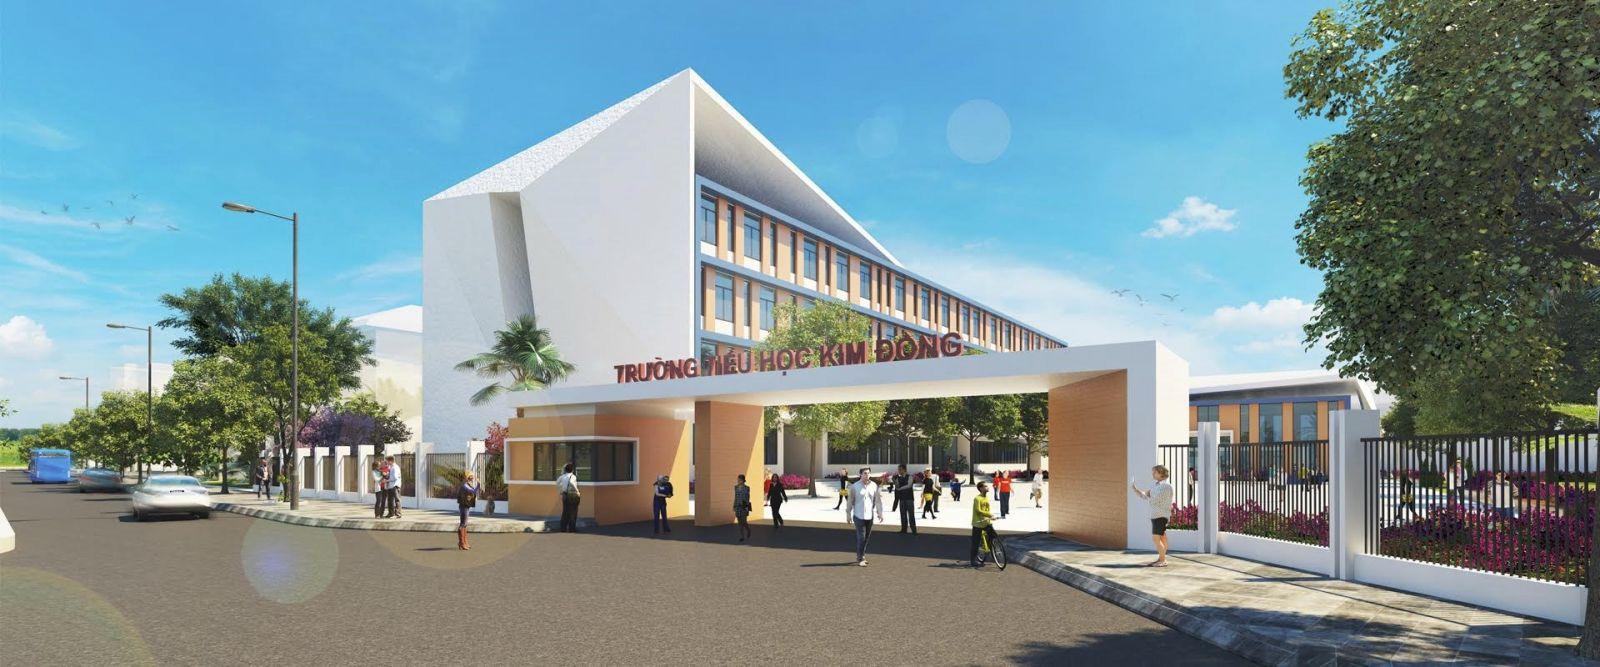 Hệ thống cơ sở vật chất tại trường mầm non trong dự án căn hộ Eco Green Sài Gòn rất hiện đại